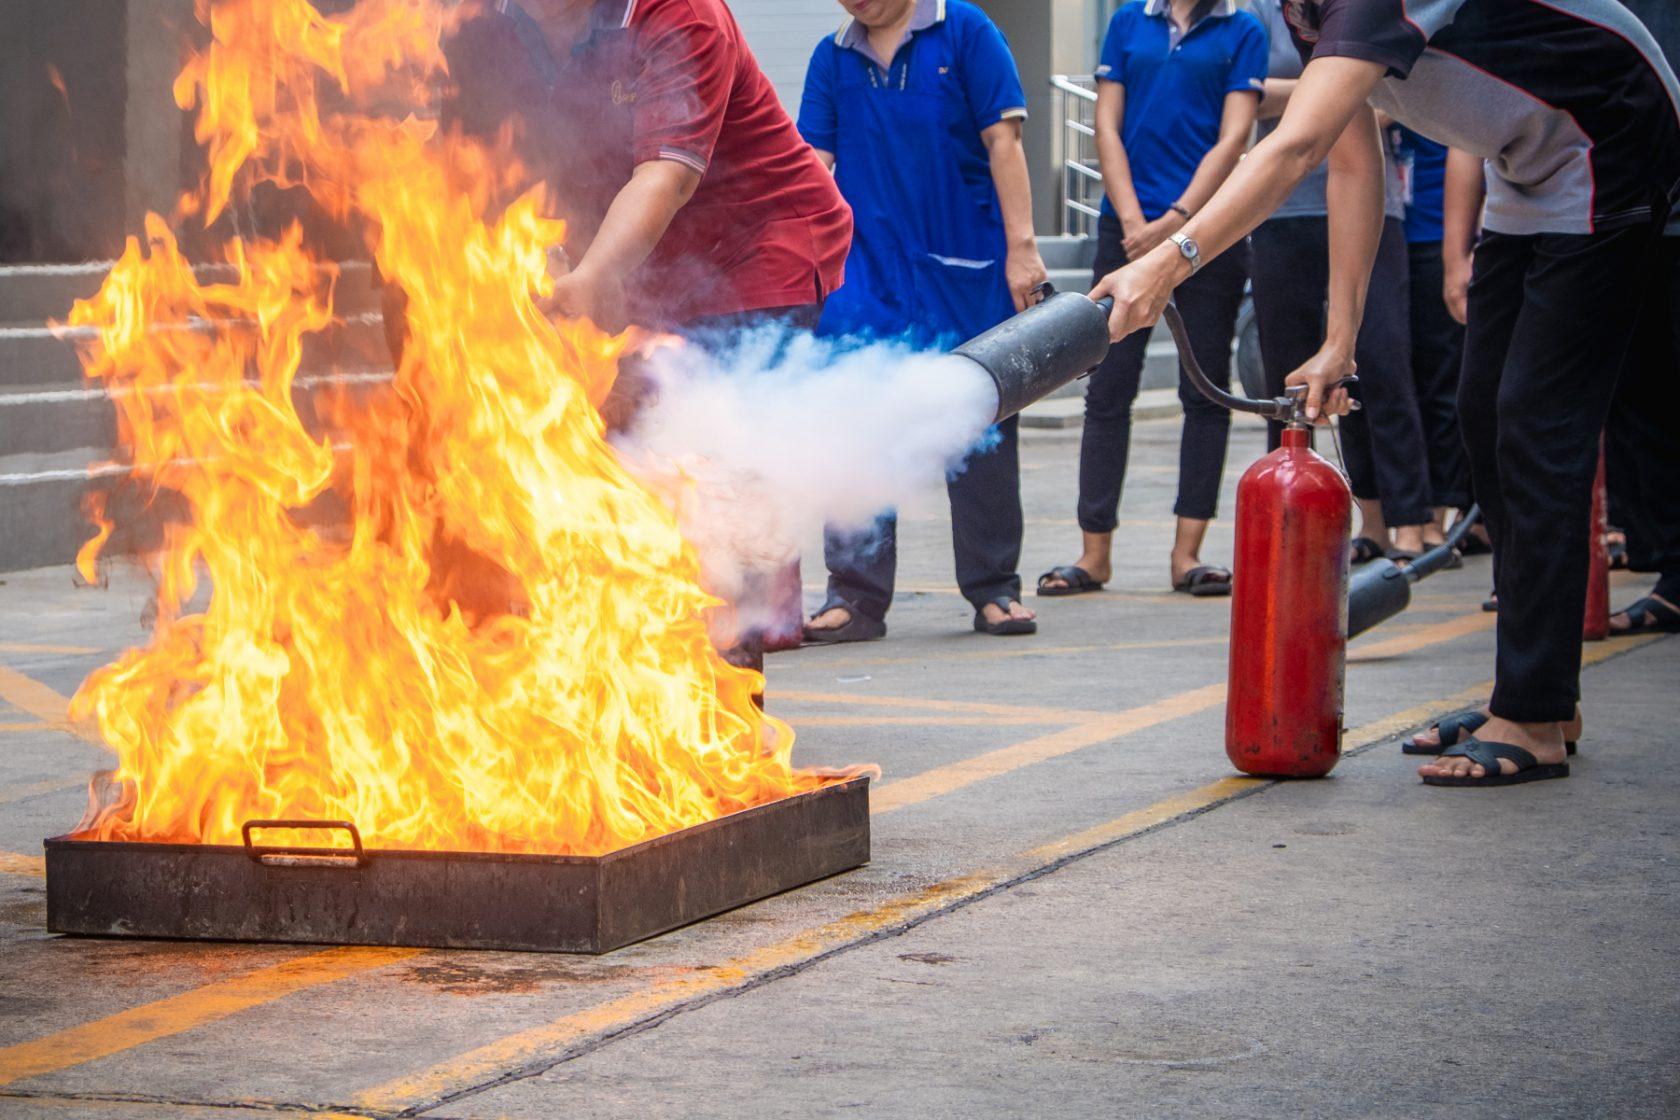 Övning i att släcka mindre brand med handbrandsläckare